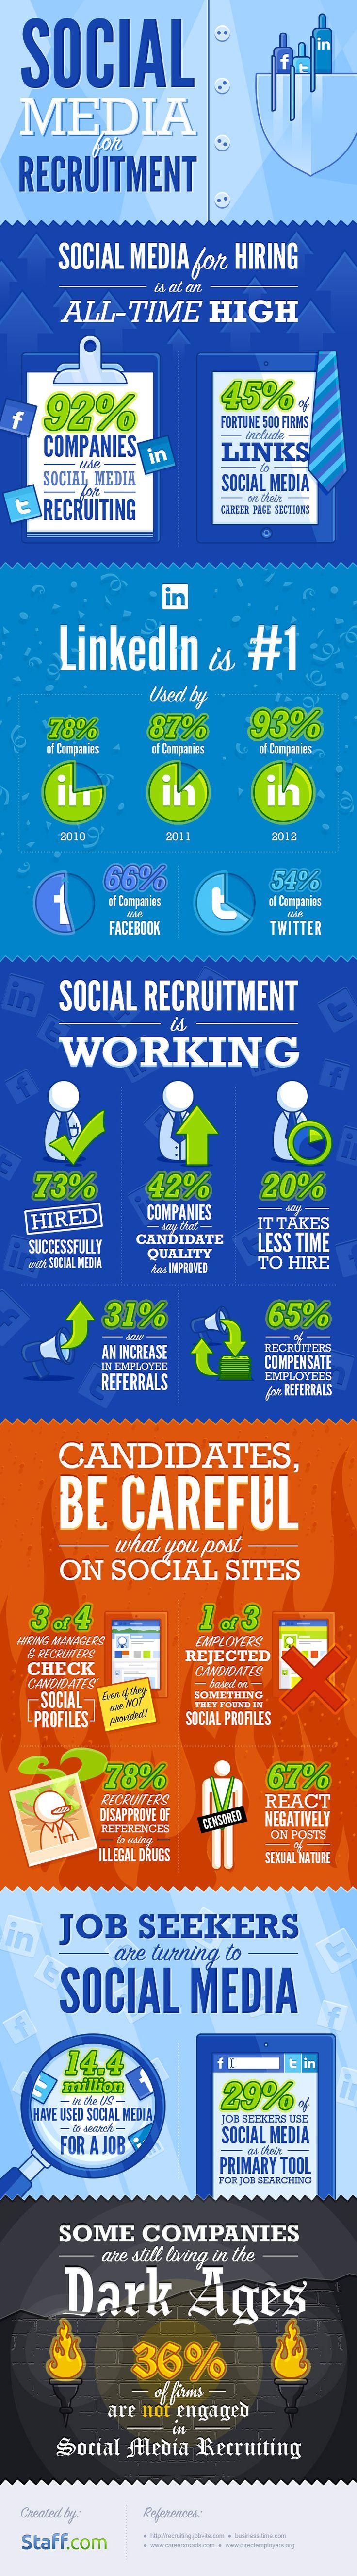 Social recruiting revolution #infographic #socialrecruiting